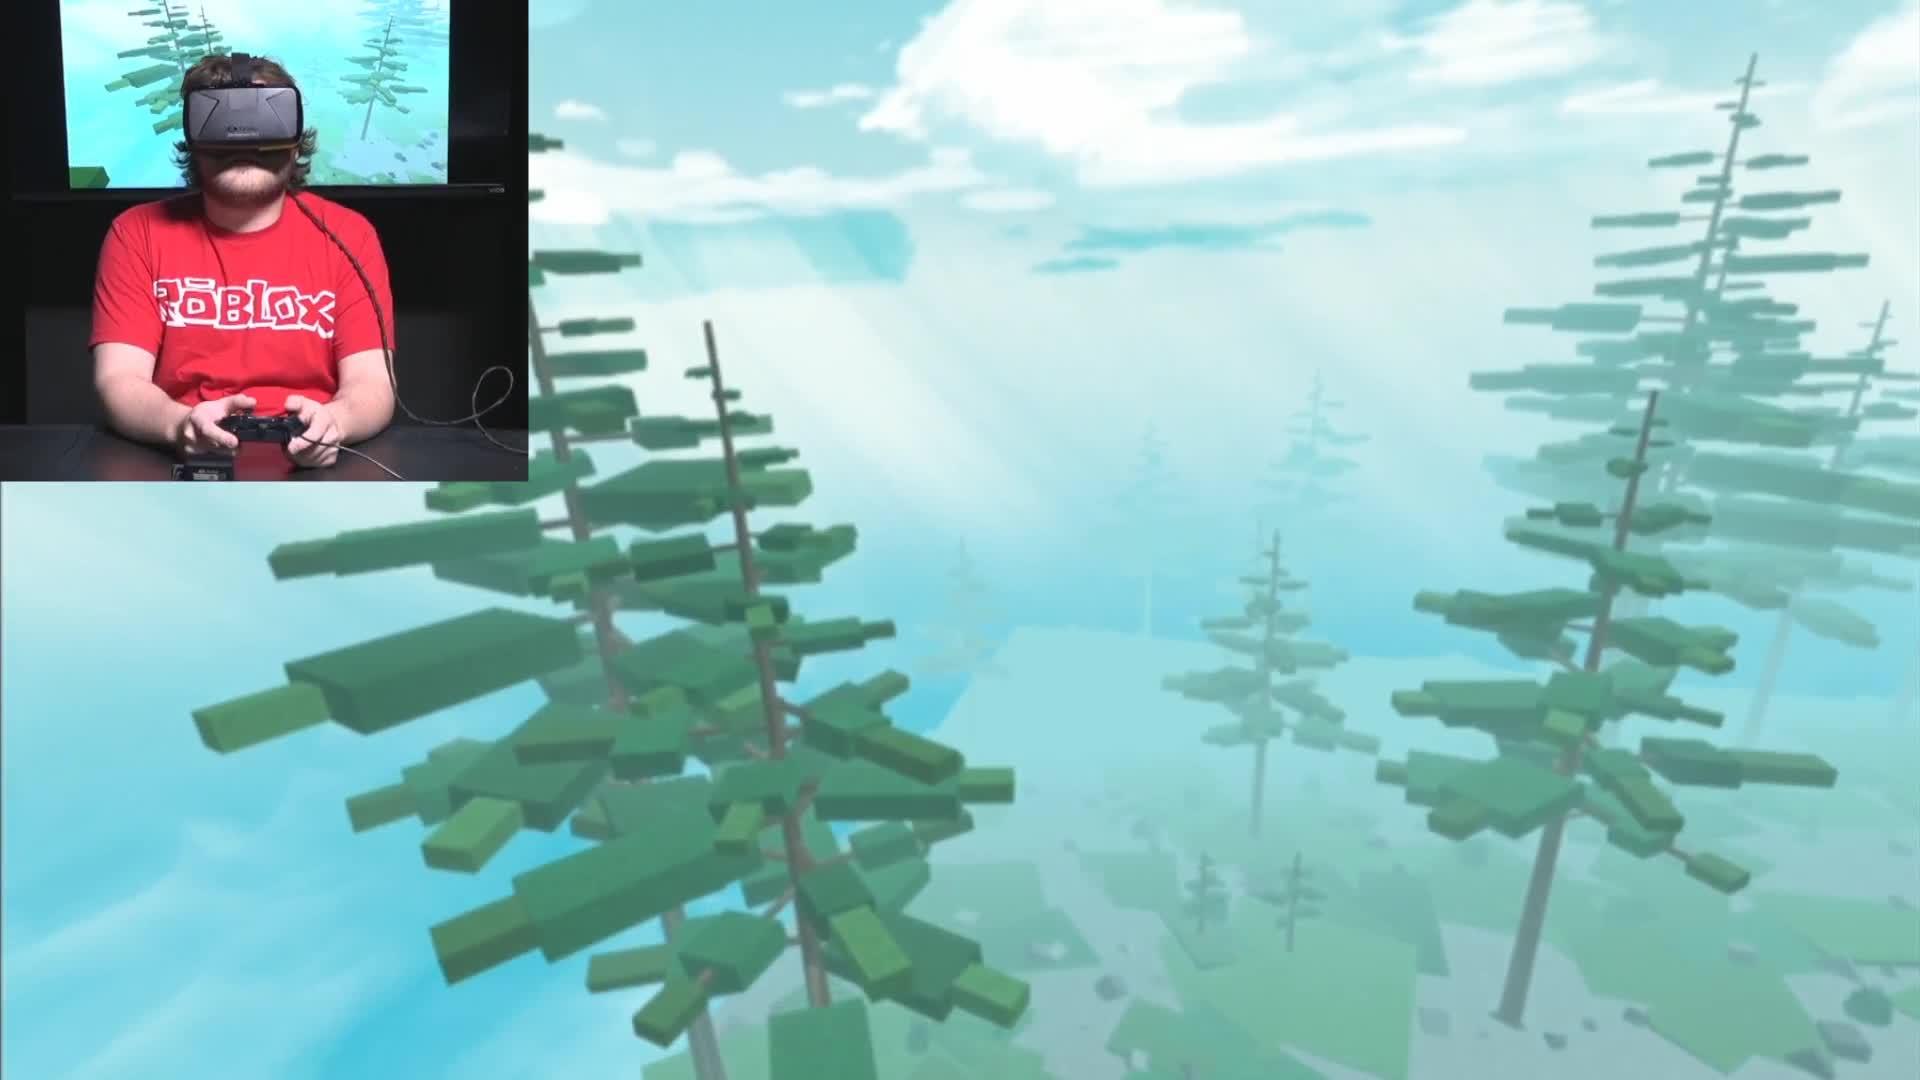 ROBLOX VR Demo